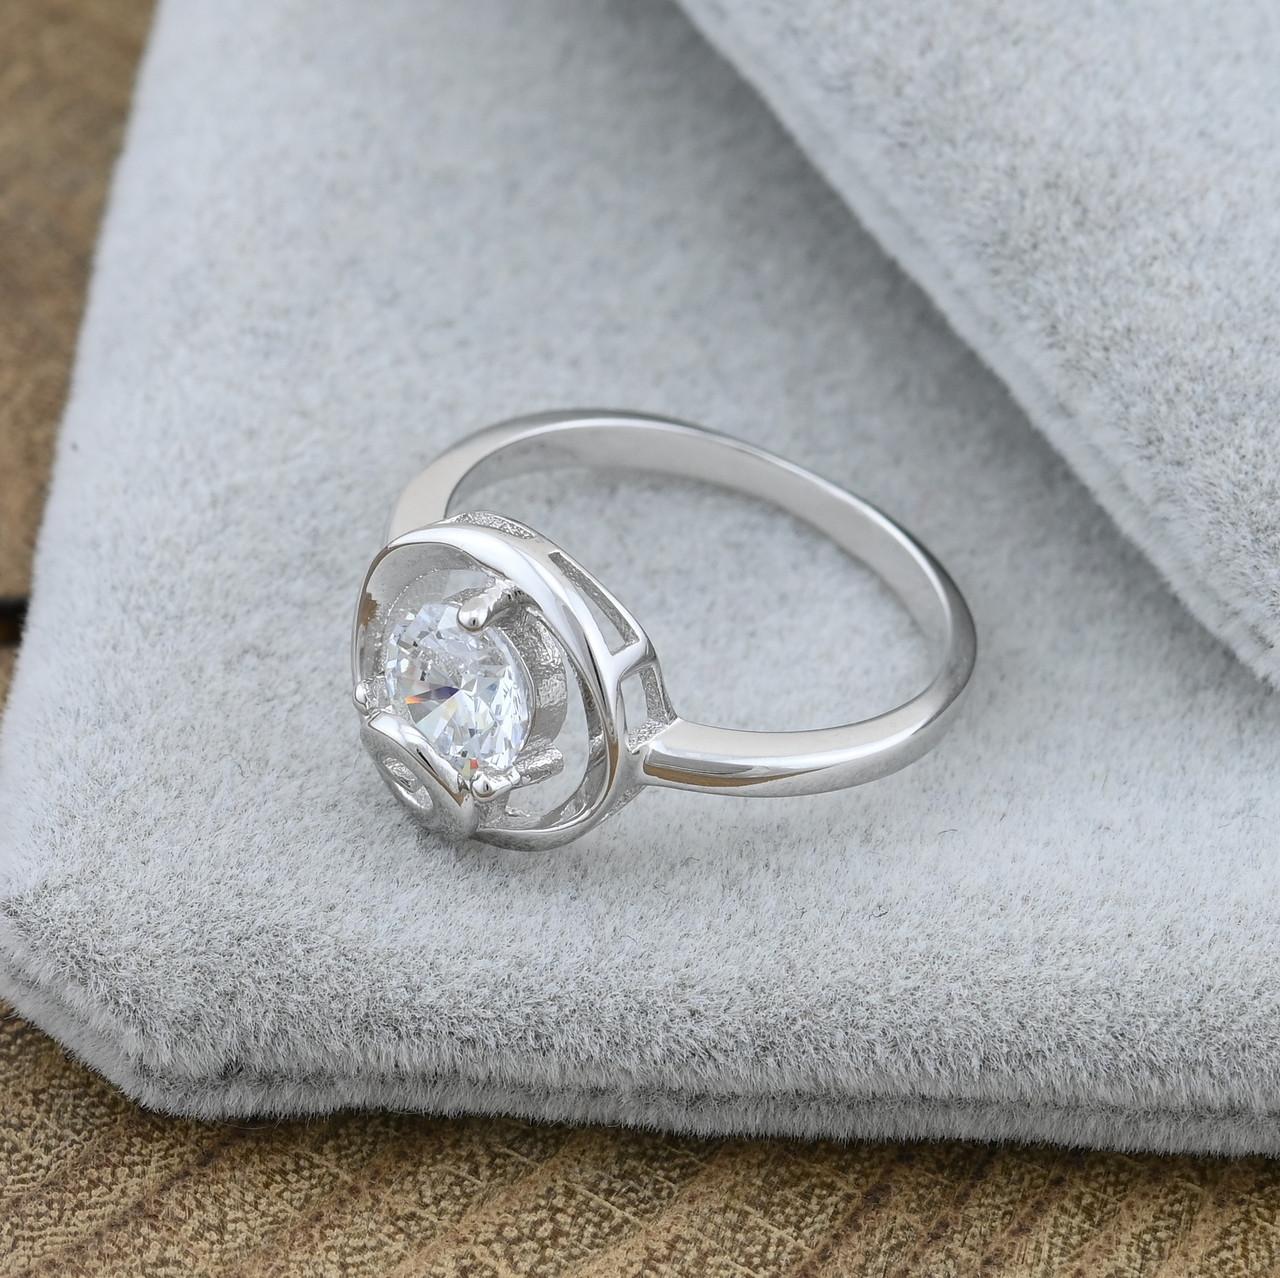 Серебряное кольцо размер 16.5 вставка белые фианиты вес 2.4 г